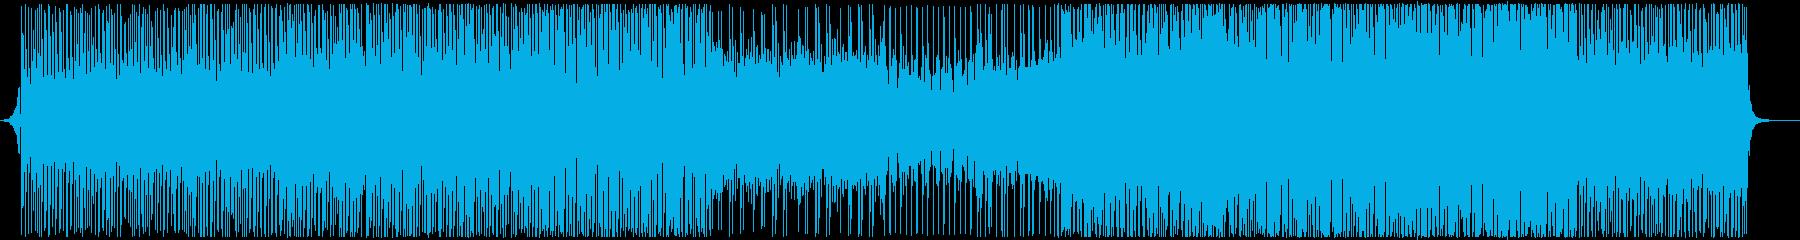 スピード、高揚感のあるエレクトロ-テクノの再生済みの波形